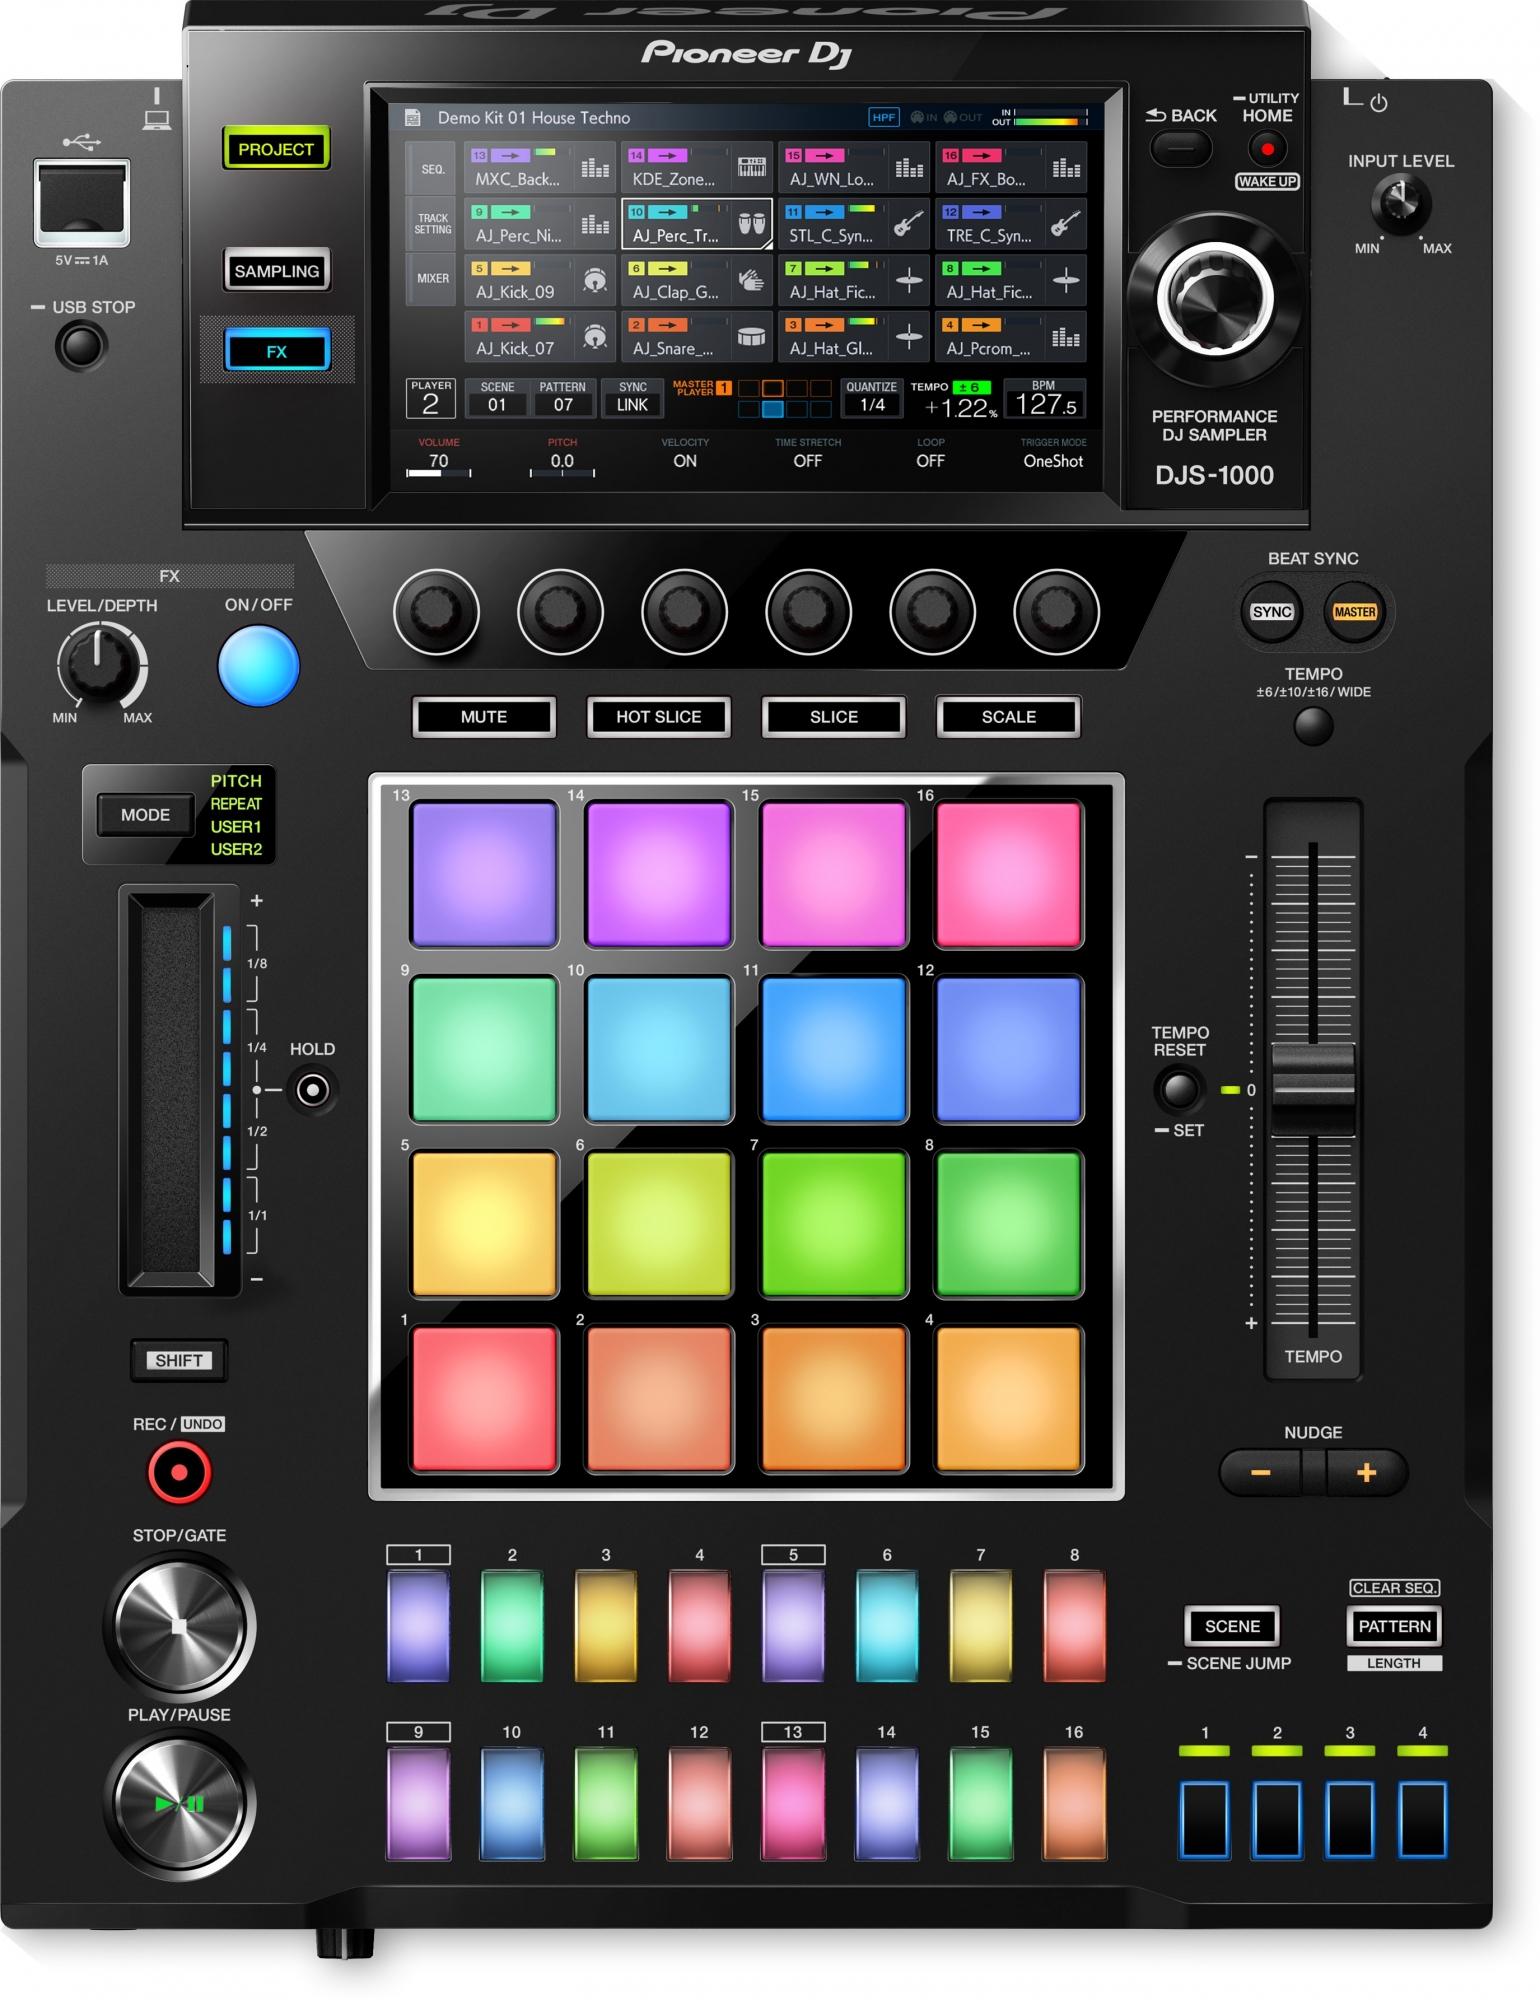 Pioneer DJS-1000 DJ effektmaskine